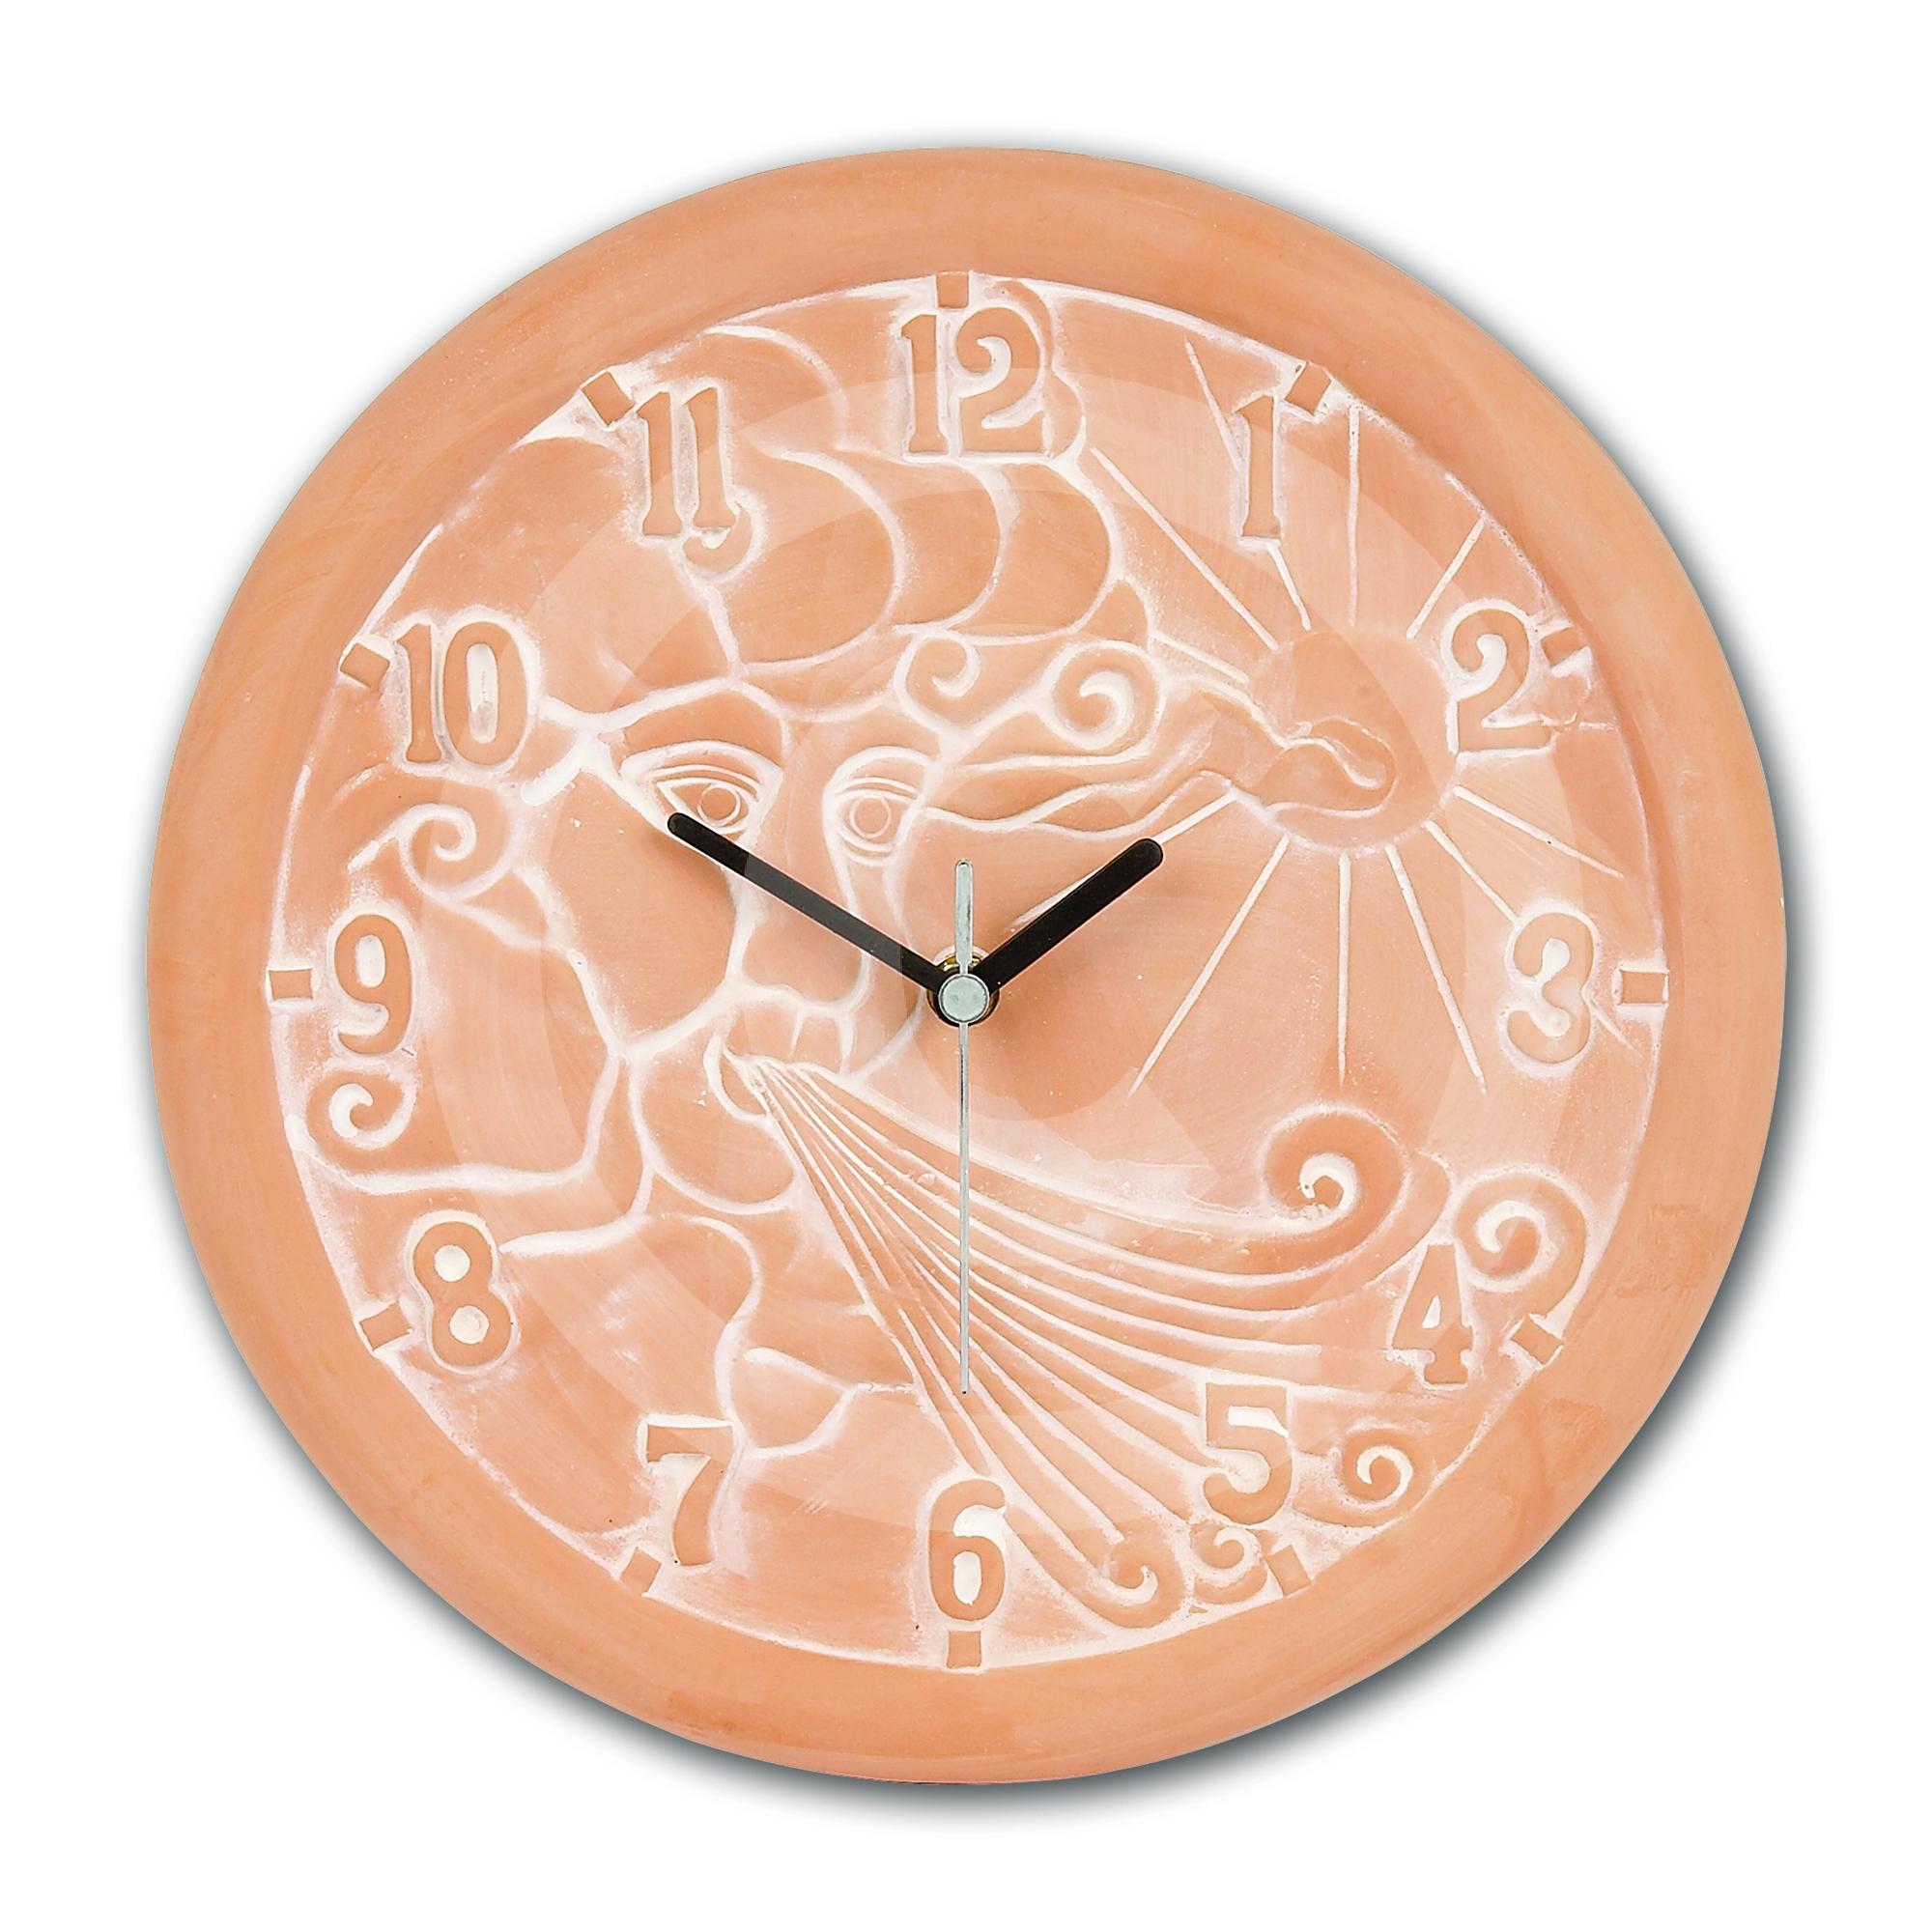 Gardman mixed terracotta wall clock 33 x 33cm indoor